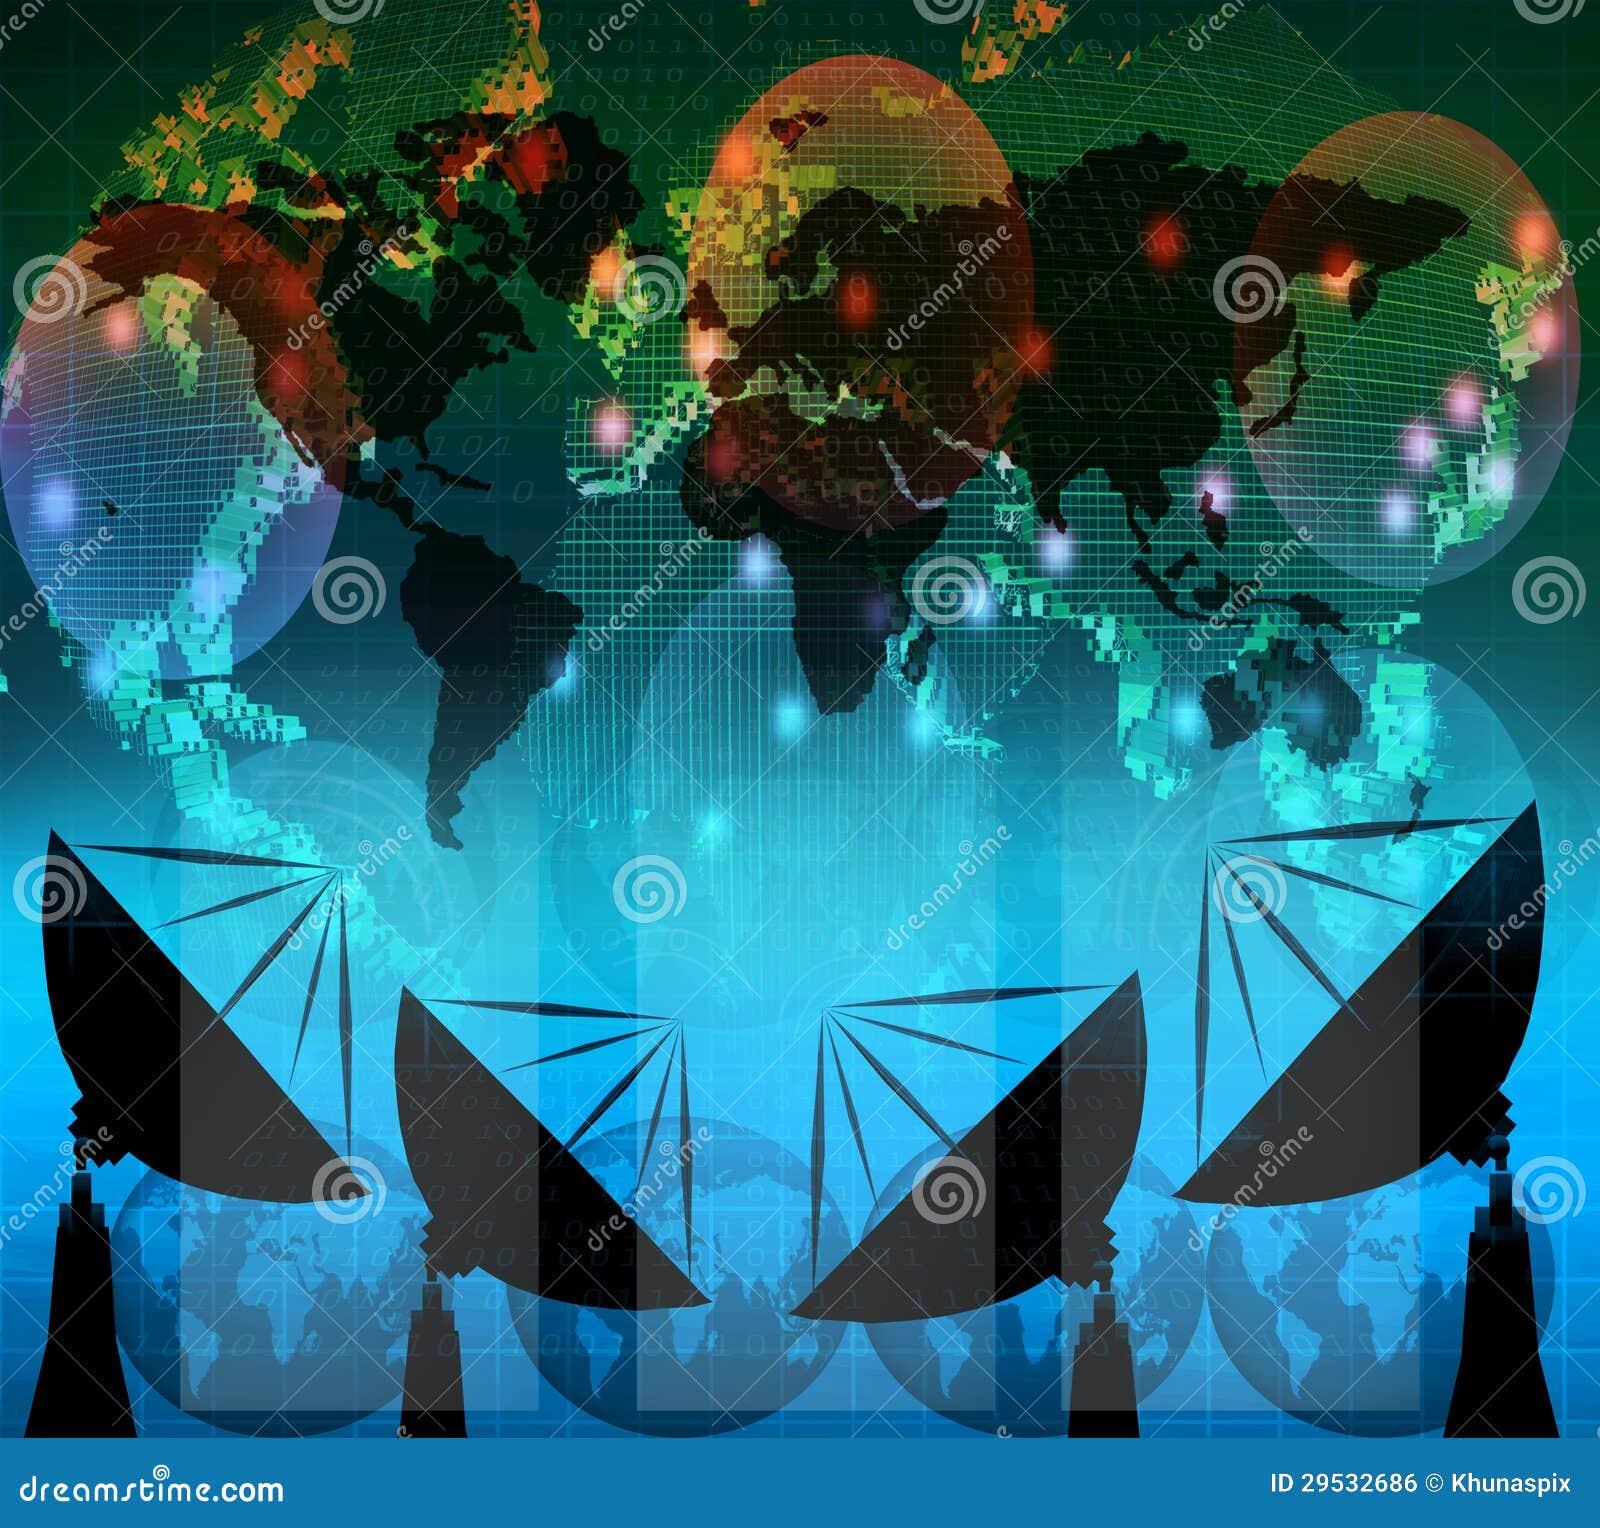 Antena parabólica e dados digitais na cor azul